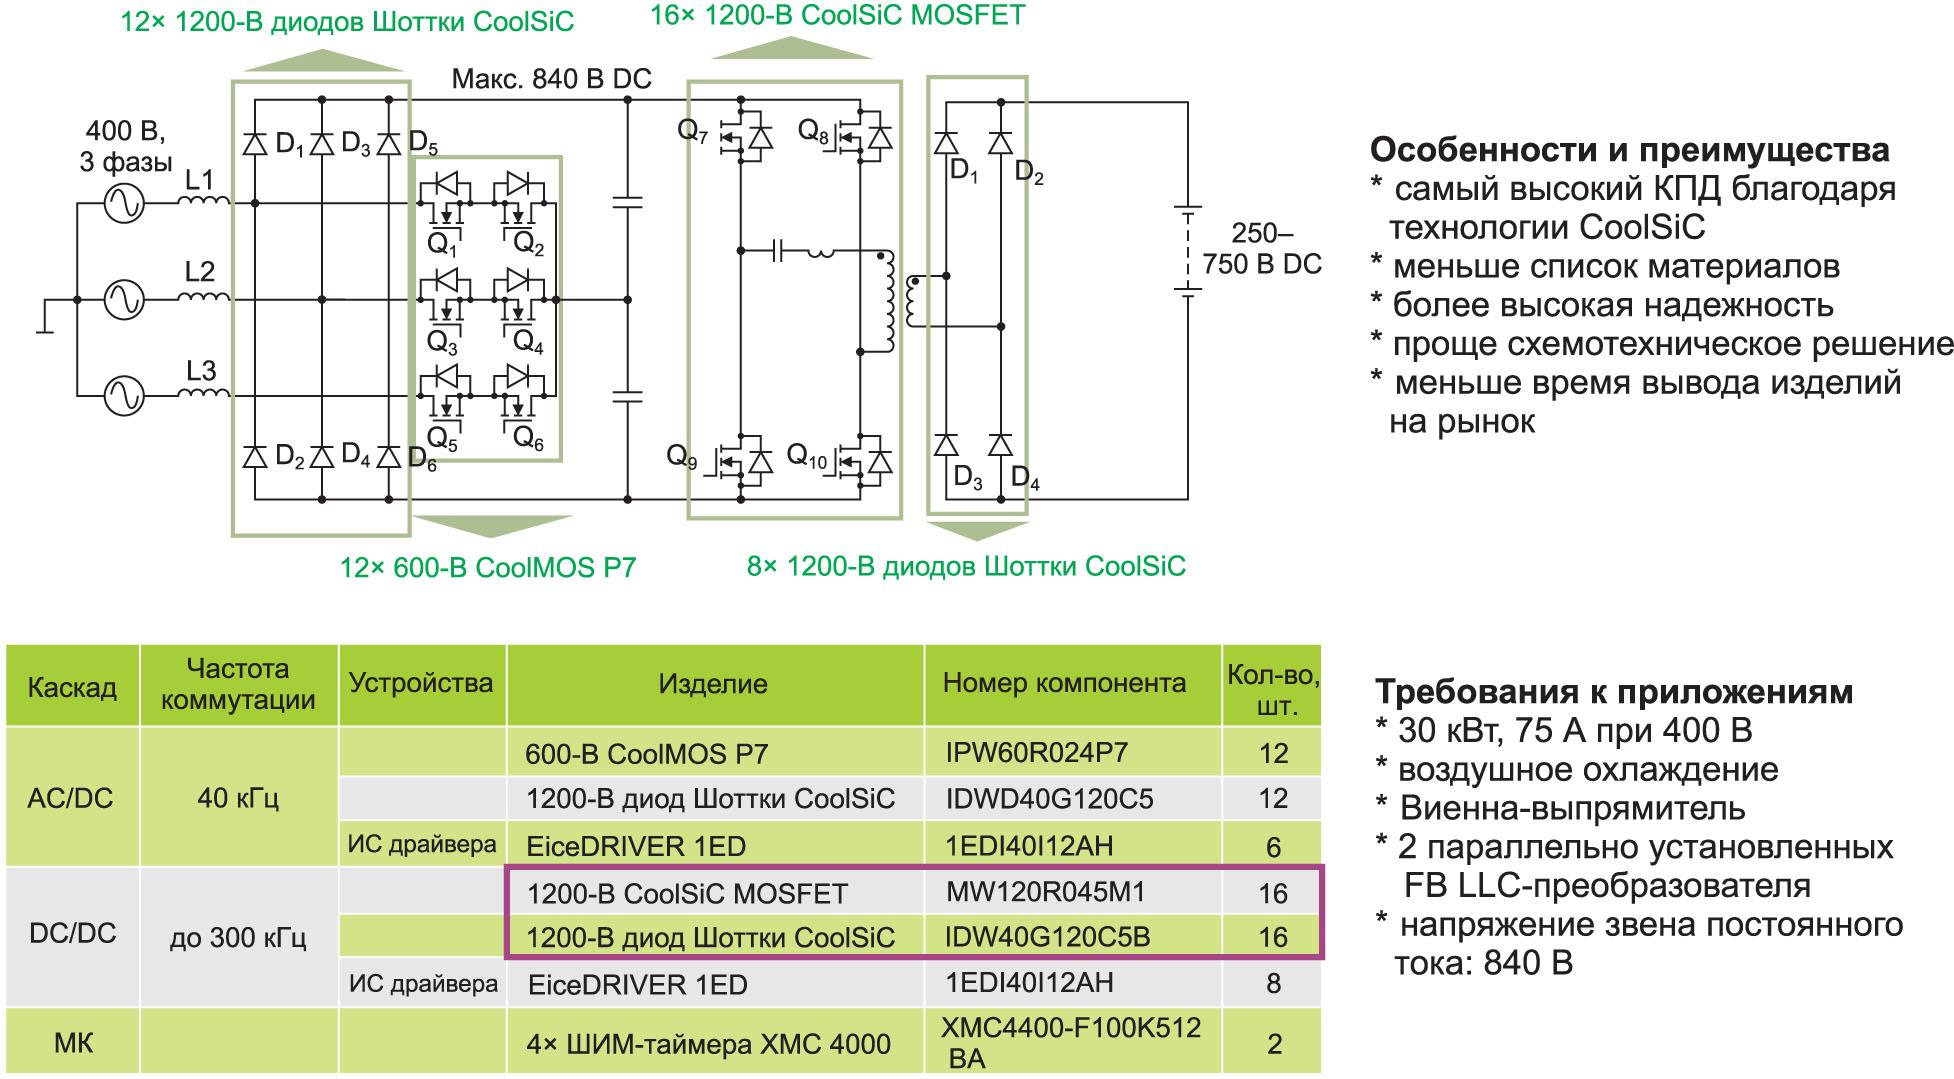 Резонансный полномостовой LLC-каскад, полностью построенный на SiC-компонентах, в еще большей мере позволяет повысить КПД системы